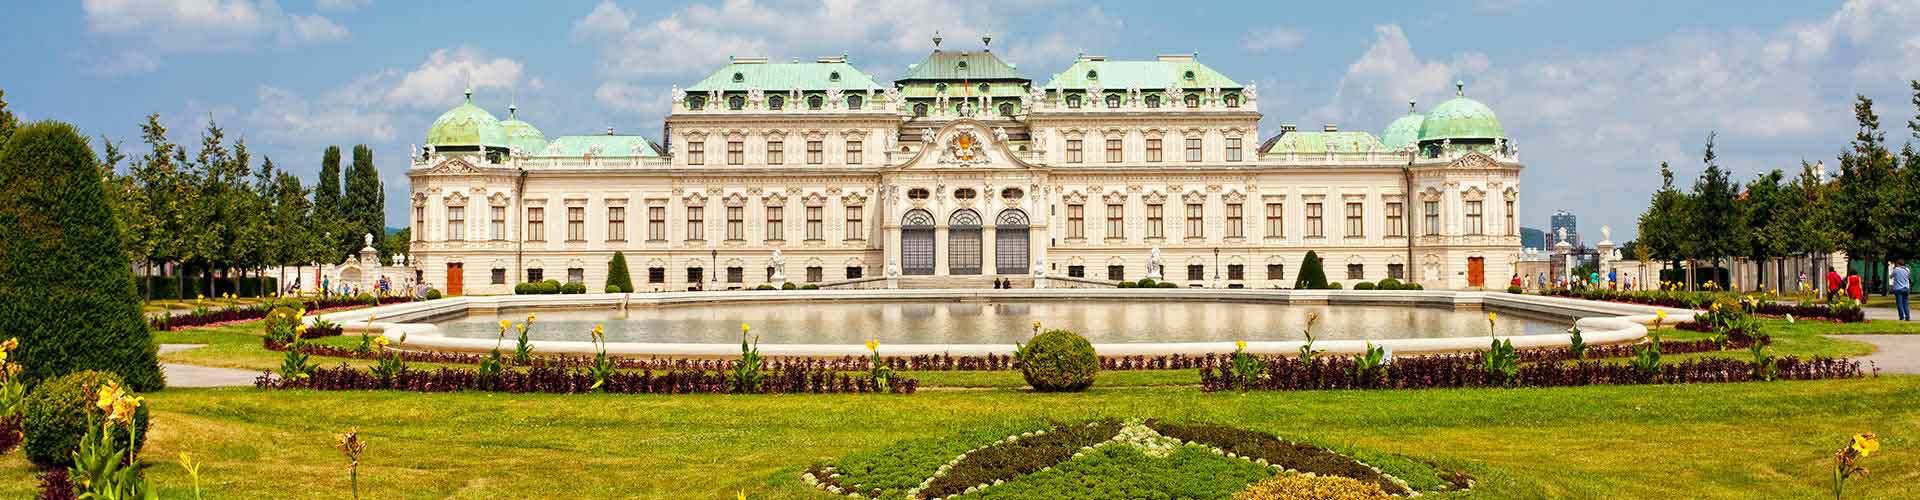 Bécs - Ifjúsági Szállások Favoriten városrészen. Bécs térképek, fotók, és ajánlások minden egyes ifjúsági szállásra Bécs-ben